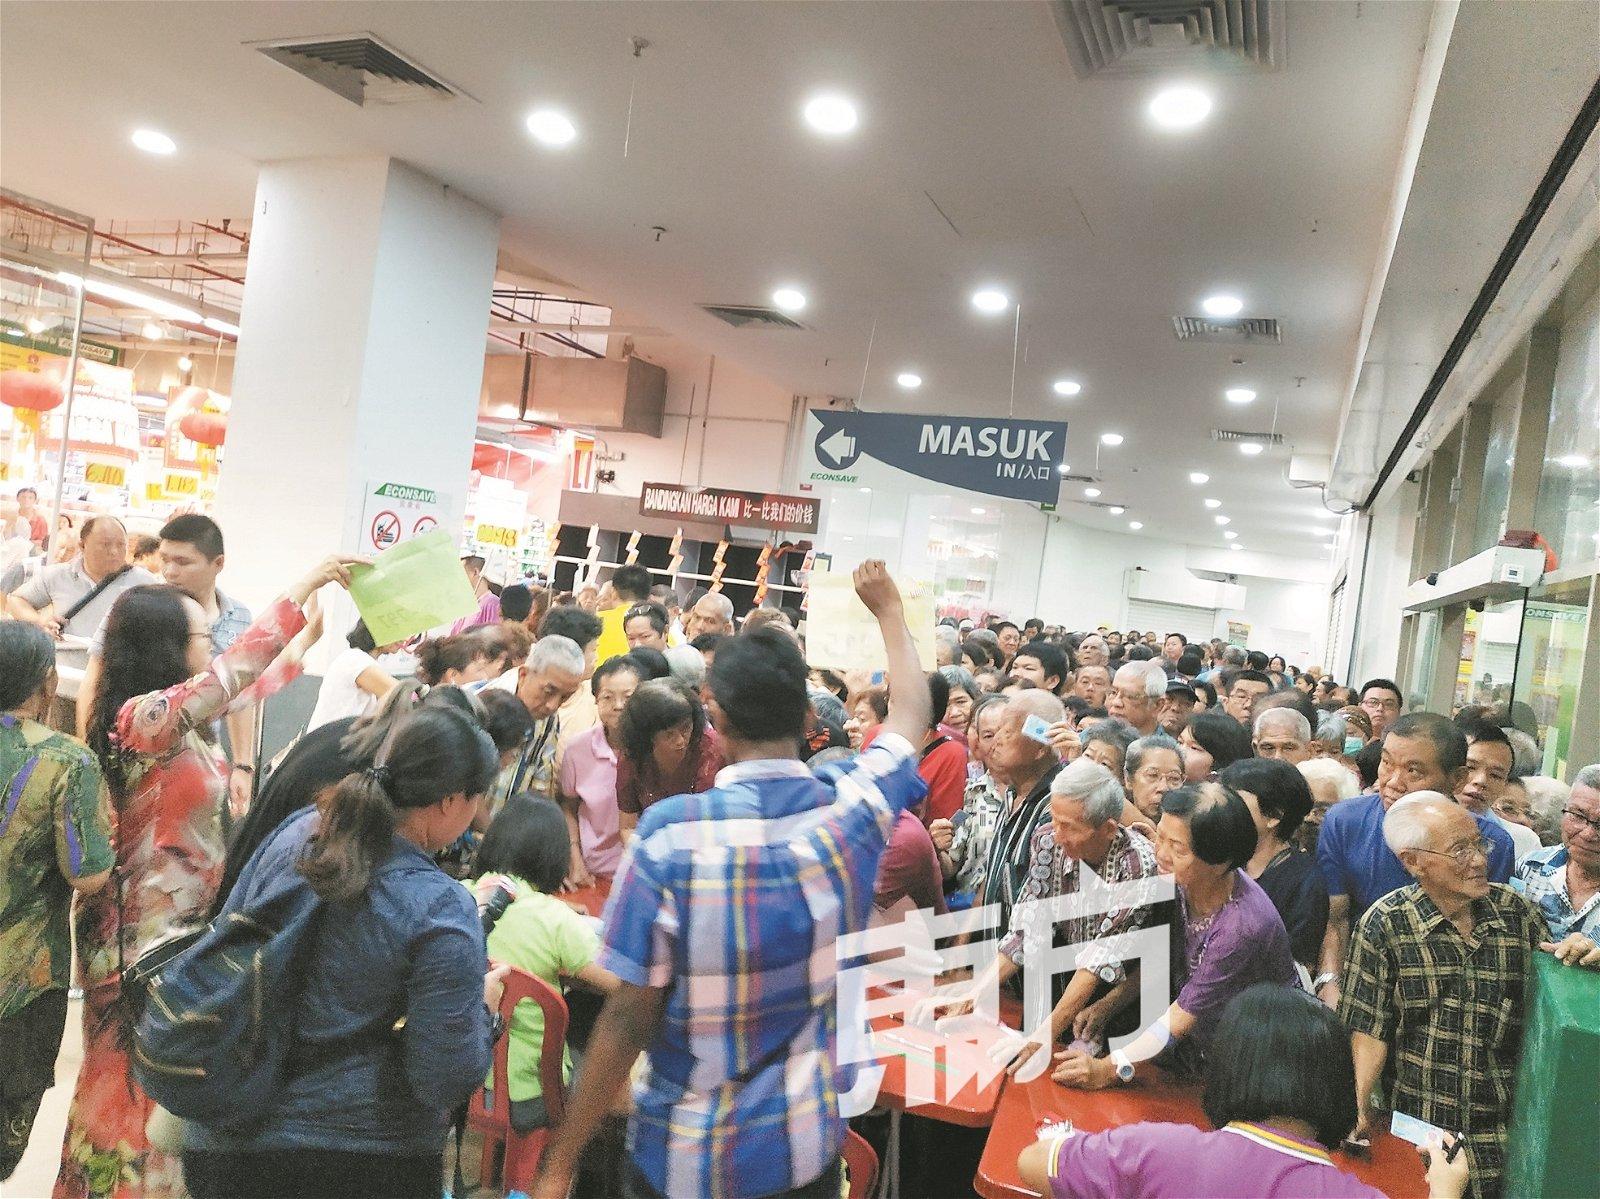 位于巴生中路的百 利宜康省周二由雪州政 府派发首批购物券,岂 料涌现大批人潮,场面 混乱。(摄影:陈慧芸)